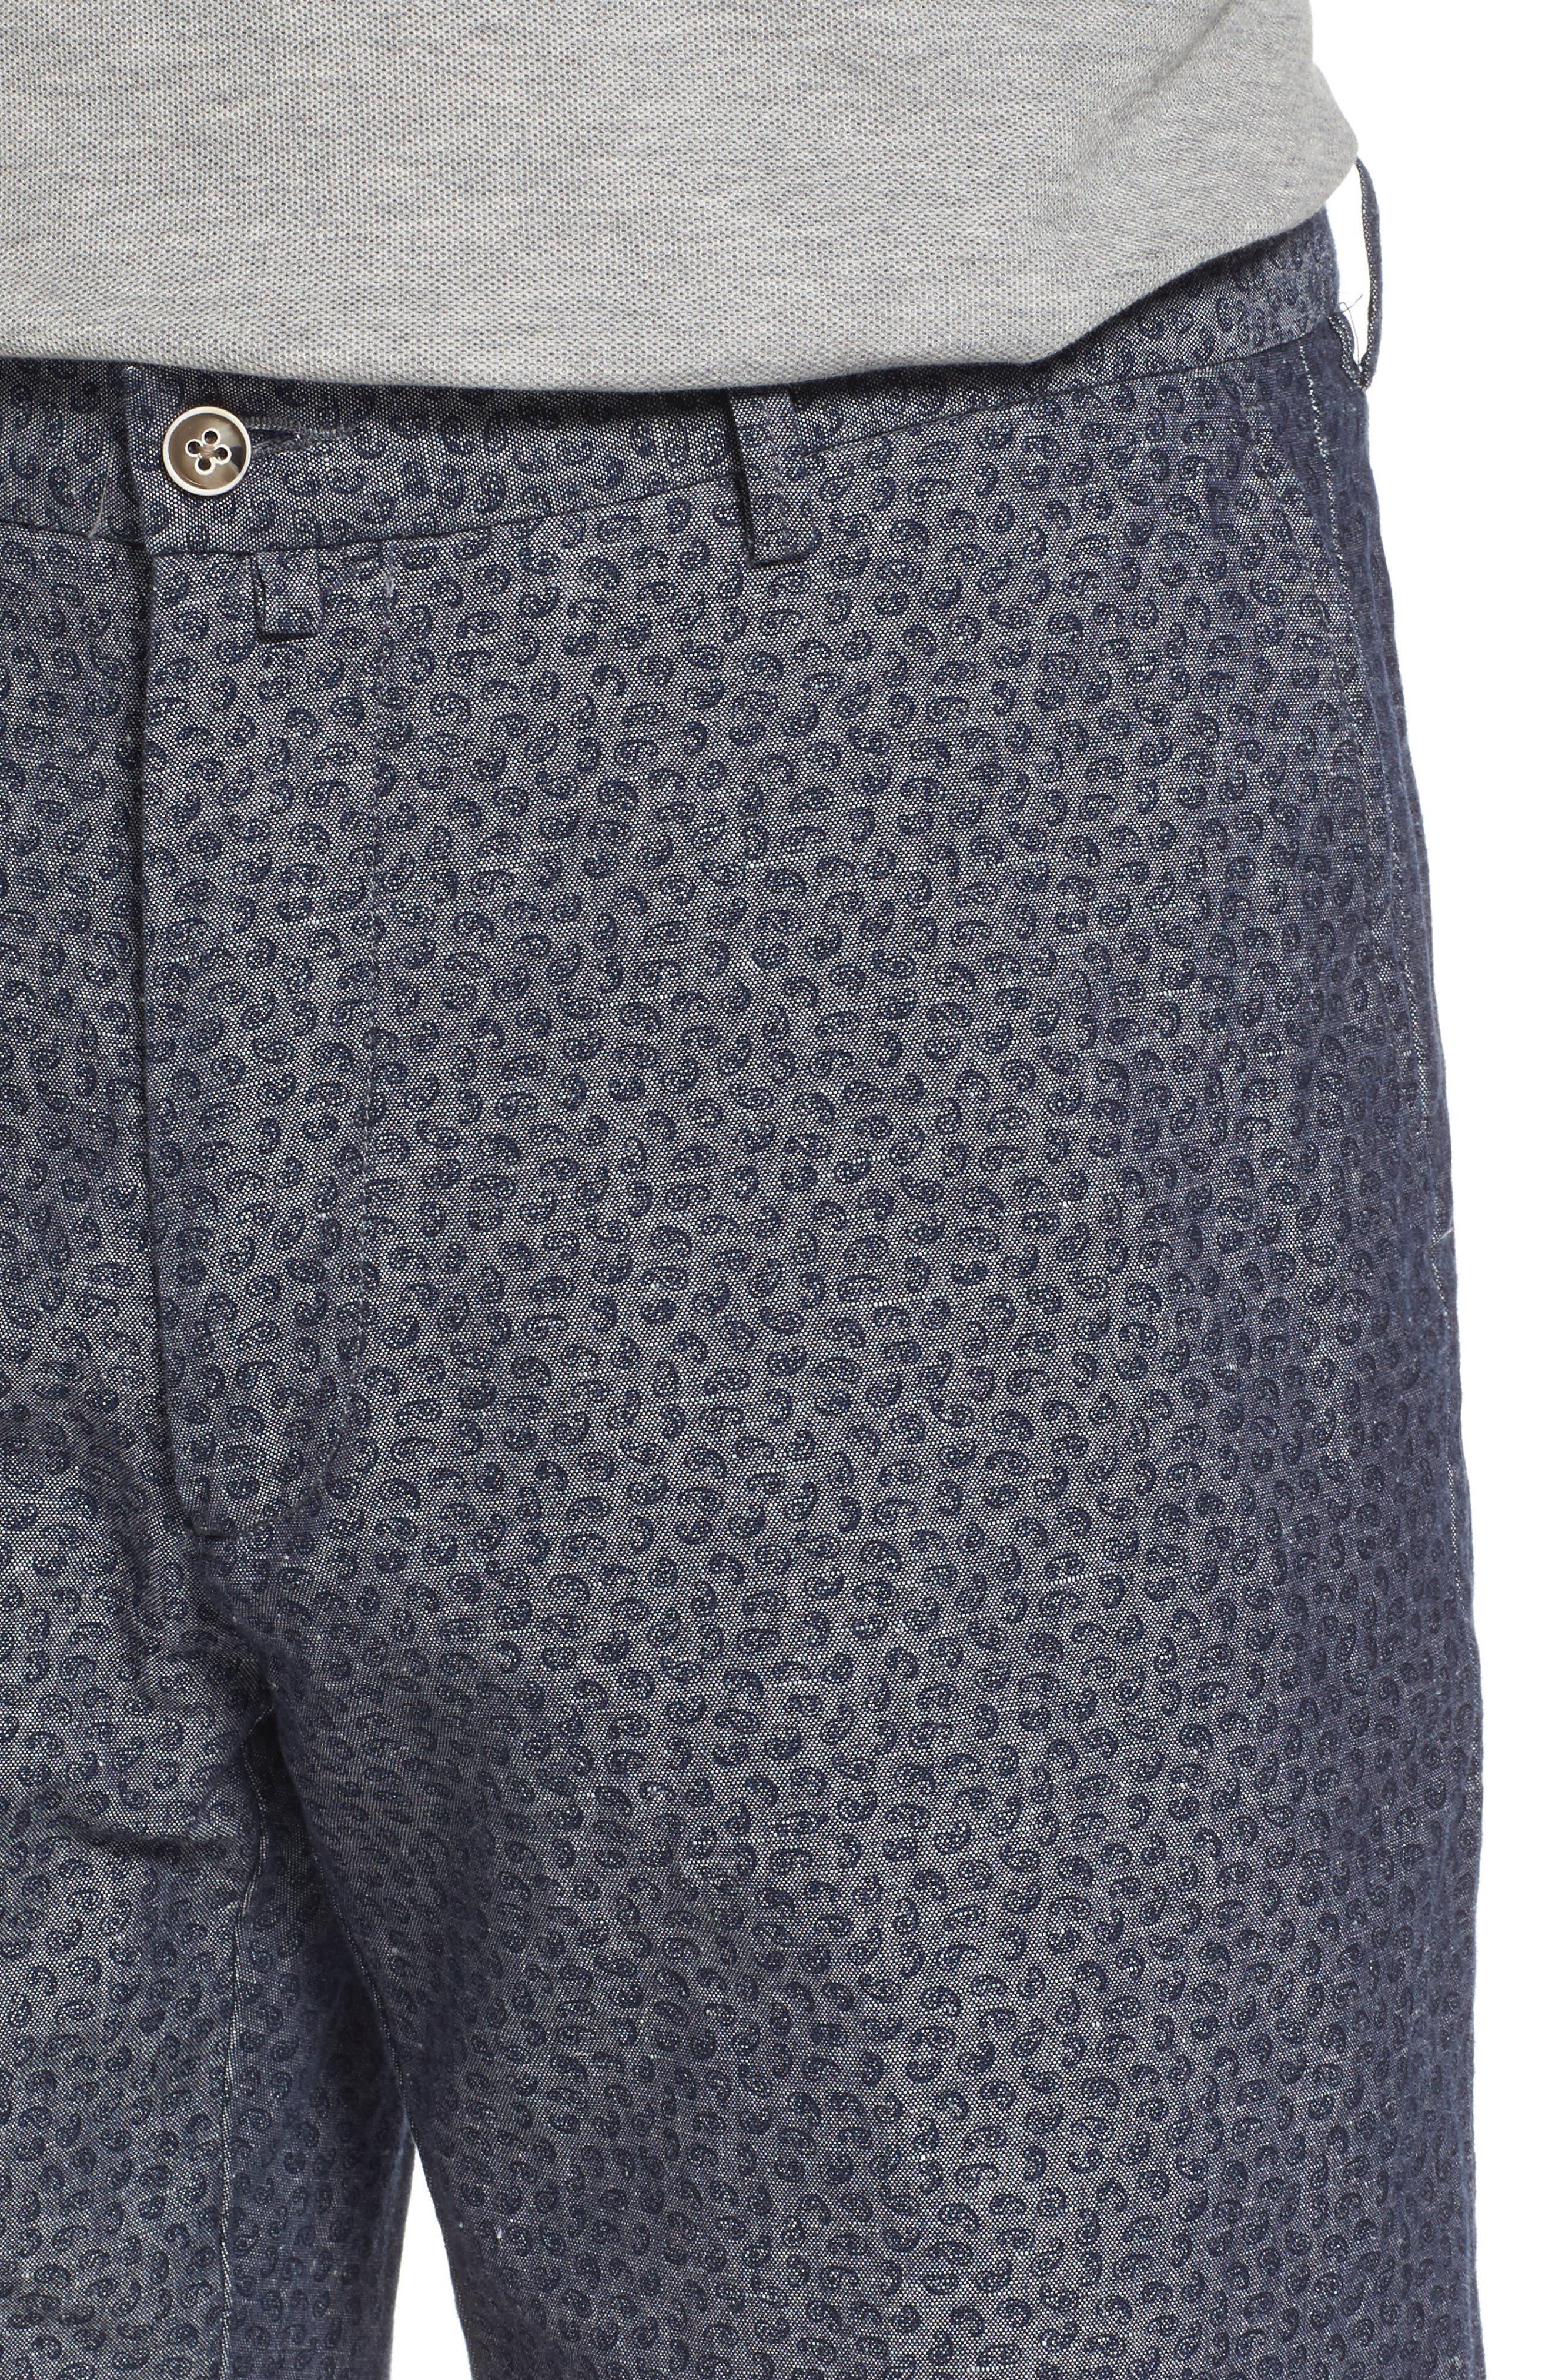 Paisley Chambray Flat Front Shorts,                             Alternate thumbnail 4, color,                             052